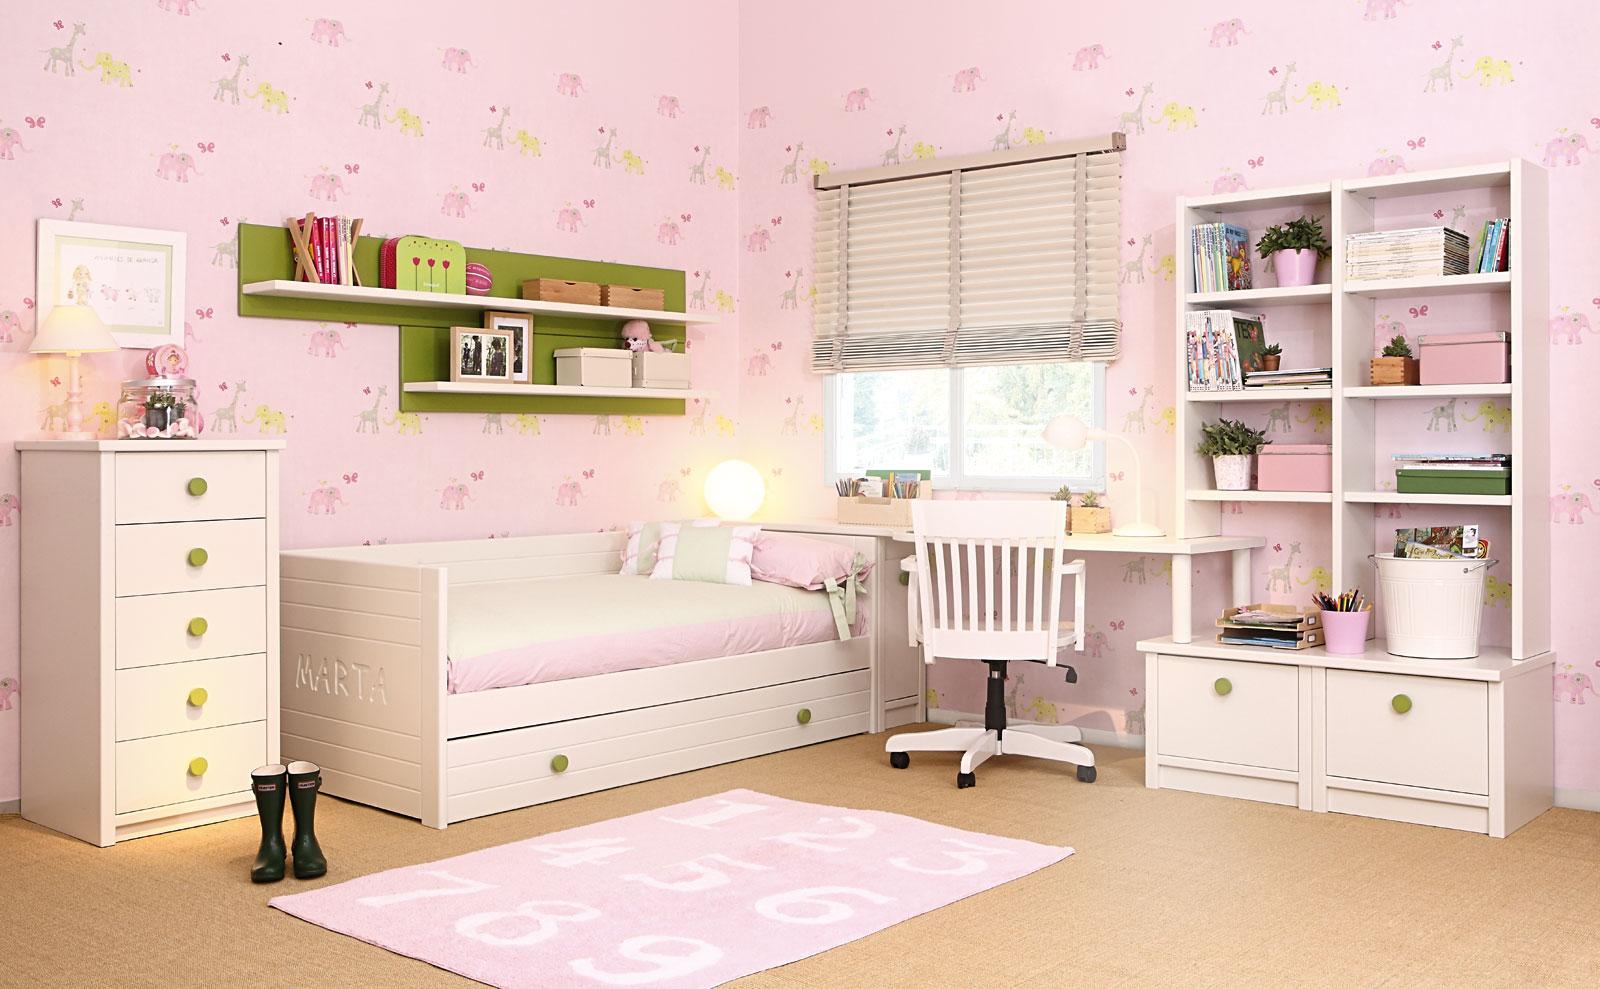 Colecci n mediterr neo mueble infantil y juvenil - Muebles nieto dormitorios juveniles ...